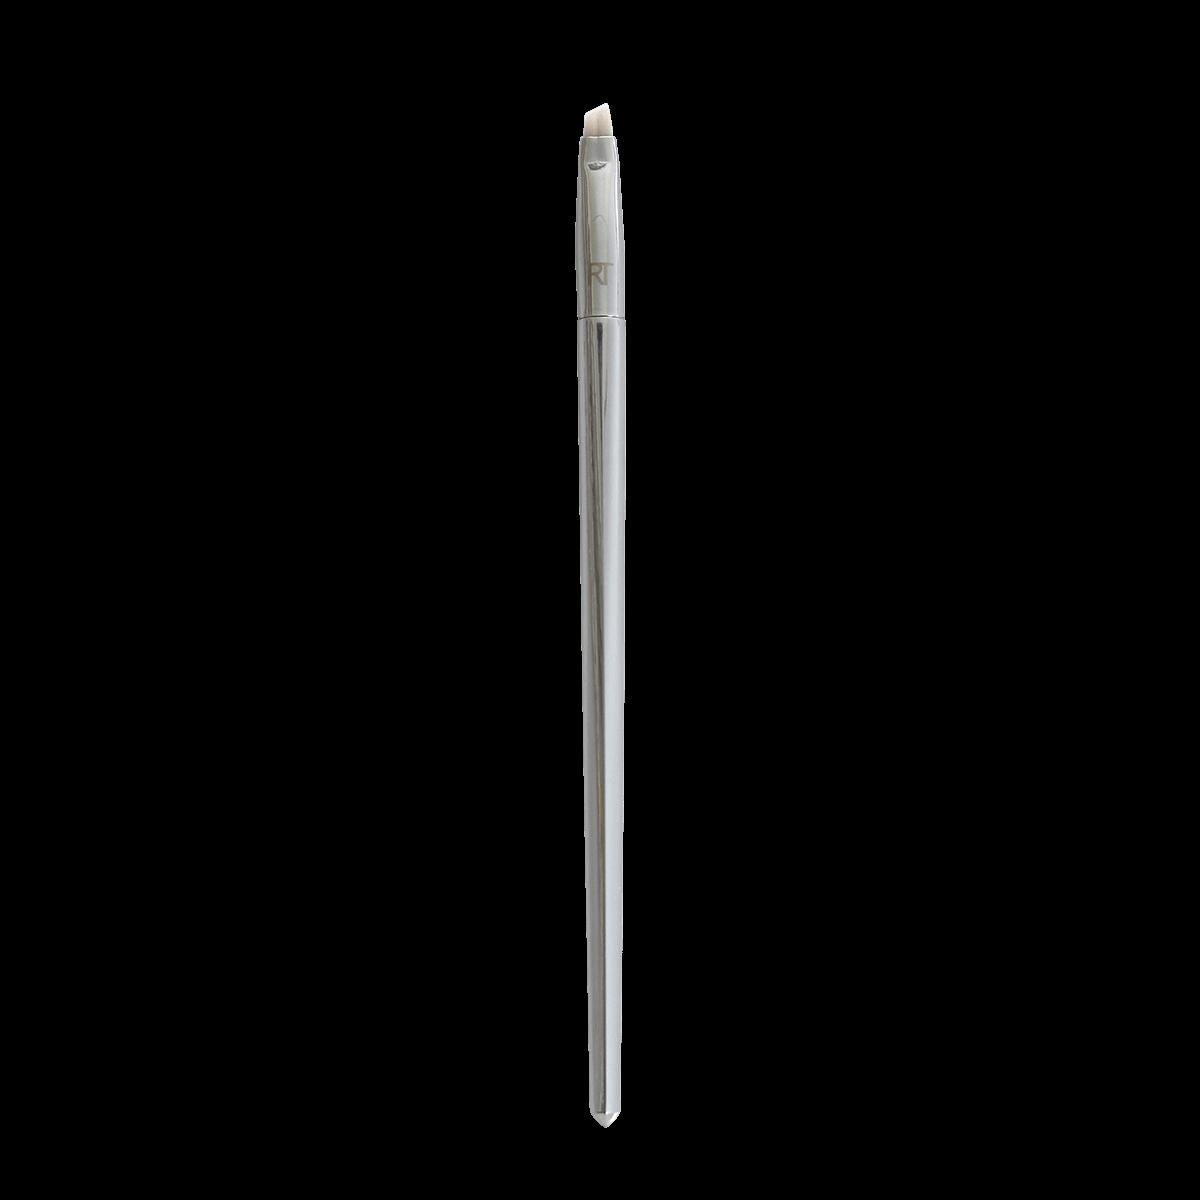 Real Techniques Кисть для подводки ANGLED LINER 20212-574Кисть 202 angledliner от RealTechniques создана для безупречного нанесения подводки для глаз. Усовершенствованная ручка имеет оптимальную длину и ширину, благодаря чему кисть очень удобно лежит в руке, значительно упрощая процесс создания идеальных стрелок. Короткий скошенный ворс отличается одновременно удивительной мягкостью и упругостью, что позволяет легко рисовать стрелки различной ширины. Кисть равномерно распределяет текстуру подводки, не создавая разводов и неровностей в цвете. Ворс не вызывает раздражения,не колет и не царапает кожу. Кроме того, он не линяет и не пушится, благодаря чему линия подводки всегда получается ровной и аккуратной. Искусственный ворс - таклон ручной набивки и стрижки